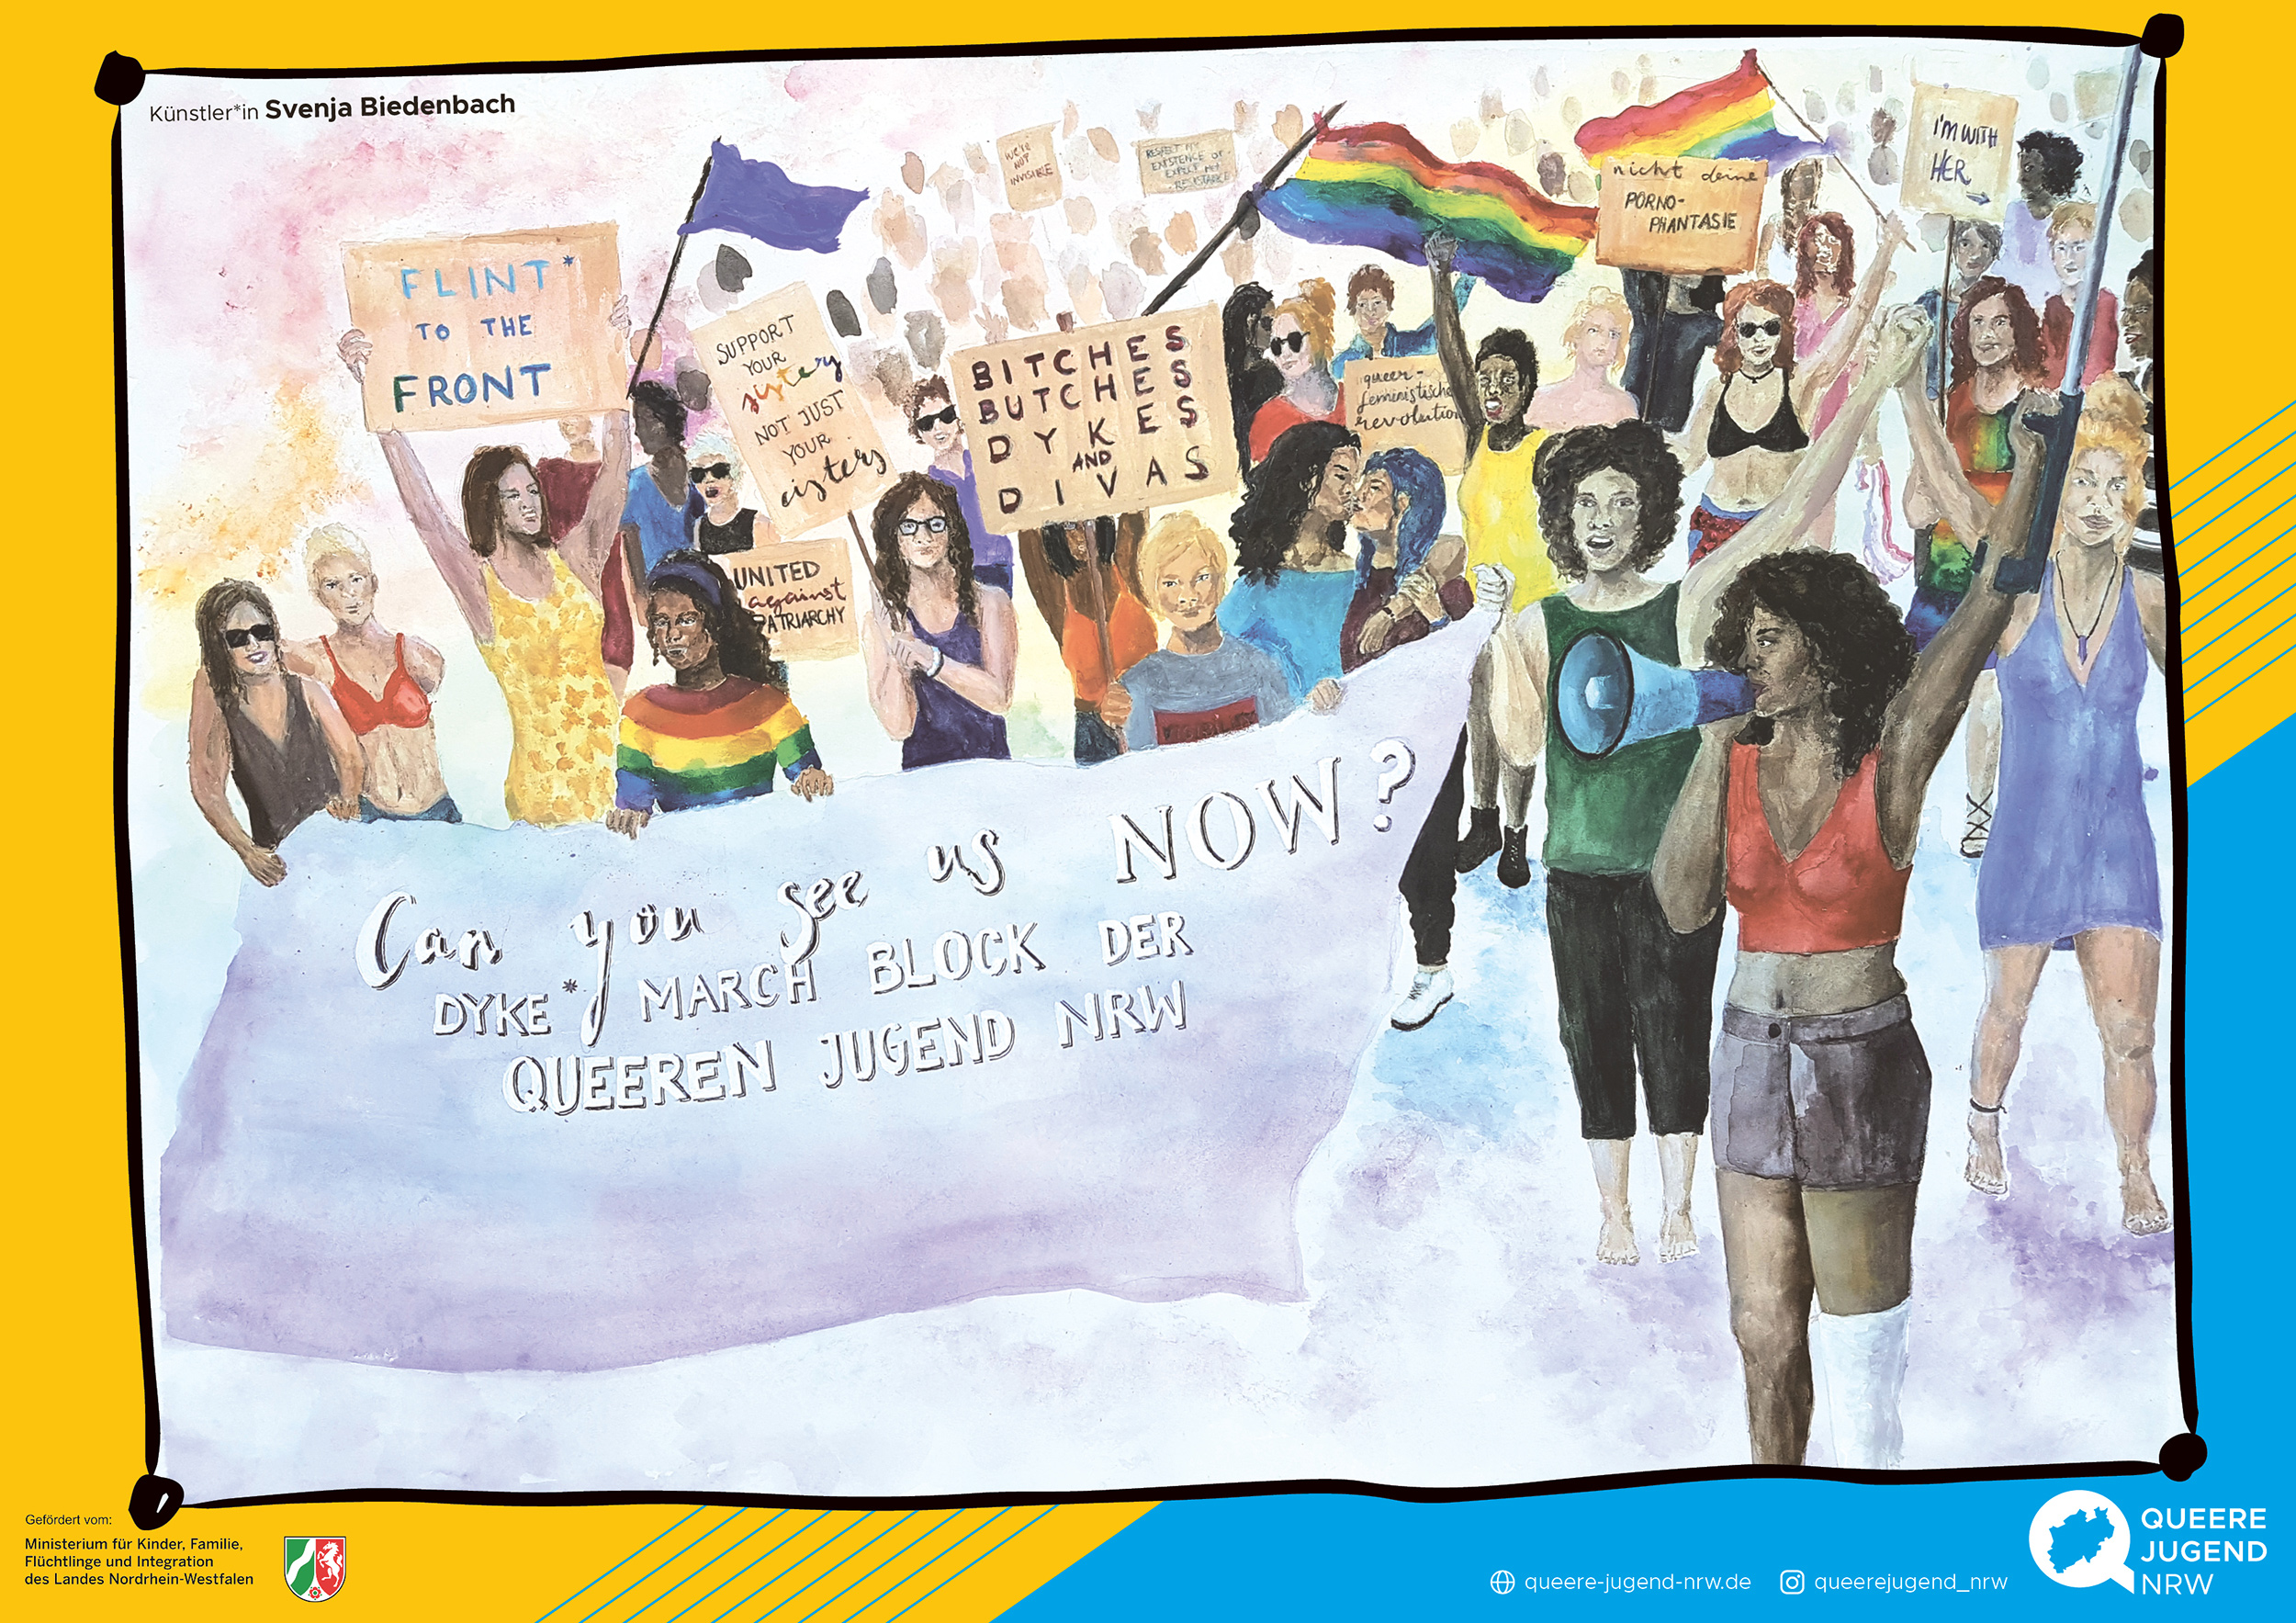 """Das Bild zeigt das Poster der AG Dyke March das von Svenja Biedenbach gestaltet wurde. Darauf zusehen ist eine Demo Situation Vorne laufen Personen mit einem großen Banner auf dem """"Can you see us now? – Dyke March Block der Queeren Jugend NRW steht"""". Verschiedene Personen halten Plakate hoch auf einem steht zum Beispiel """"Flint* tot he Front""""."""